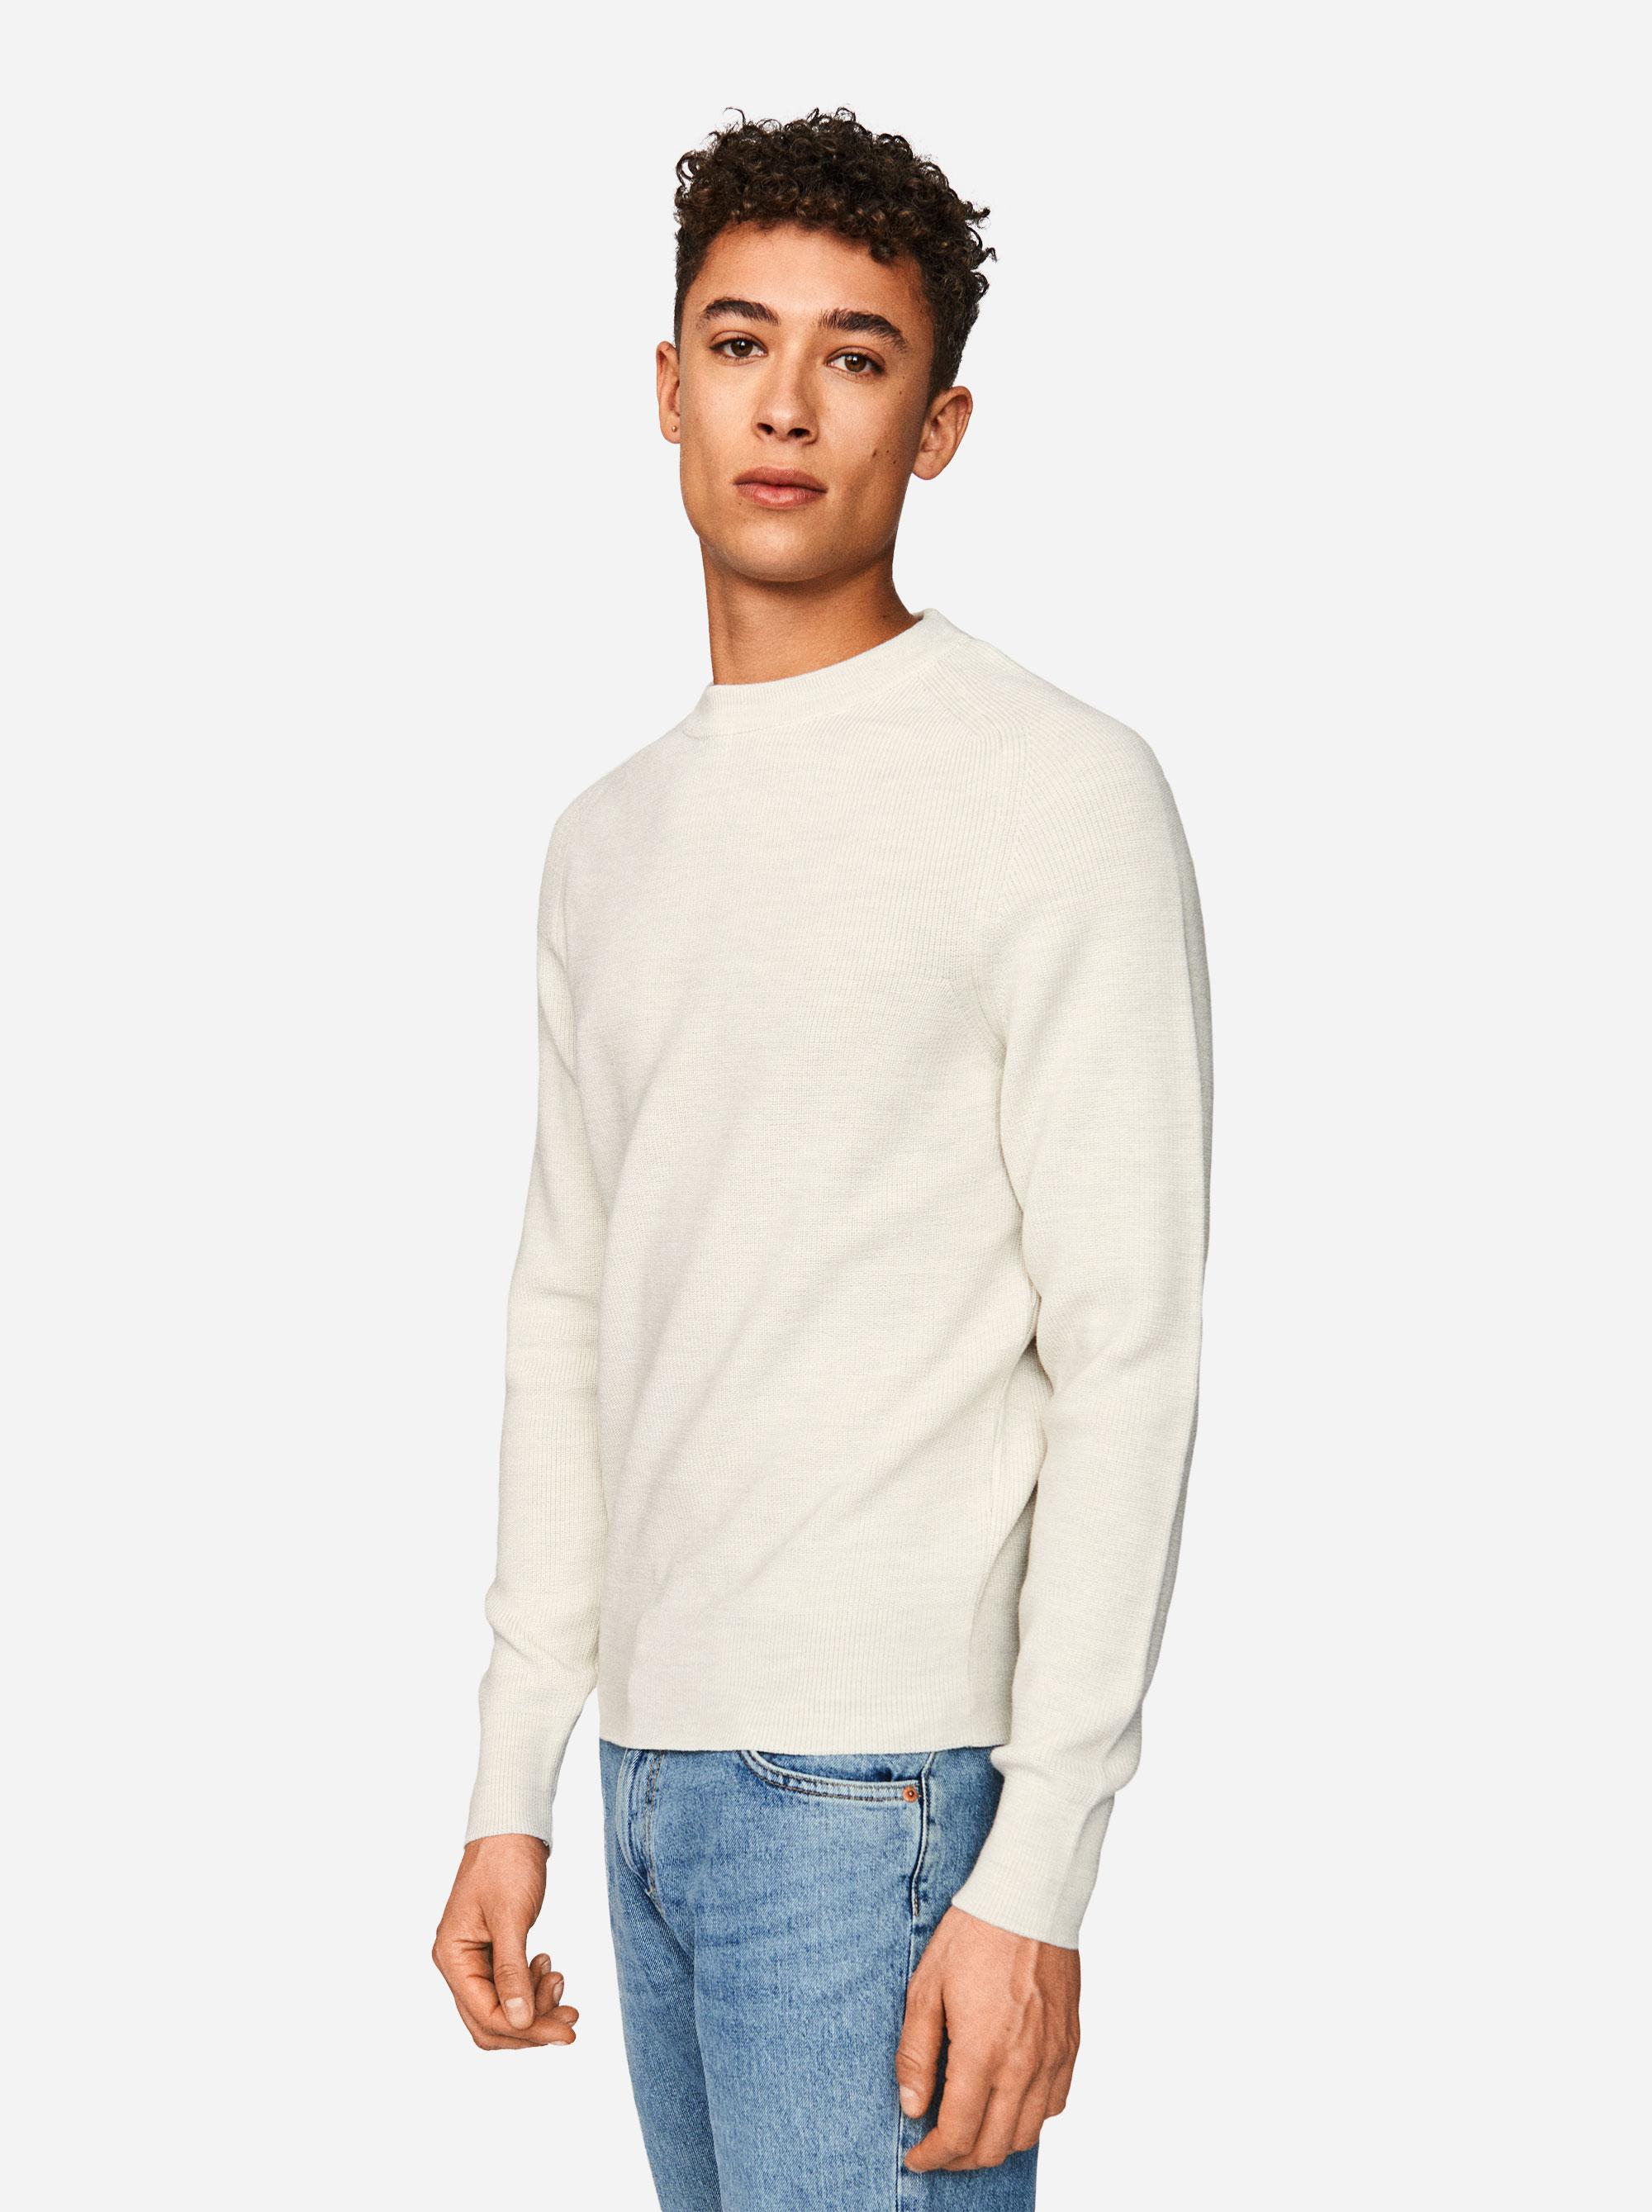 Teym - The Merino Sweater - Men - White - 2